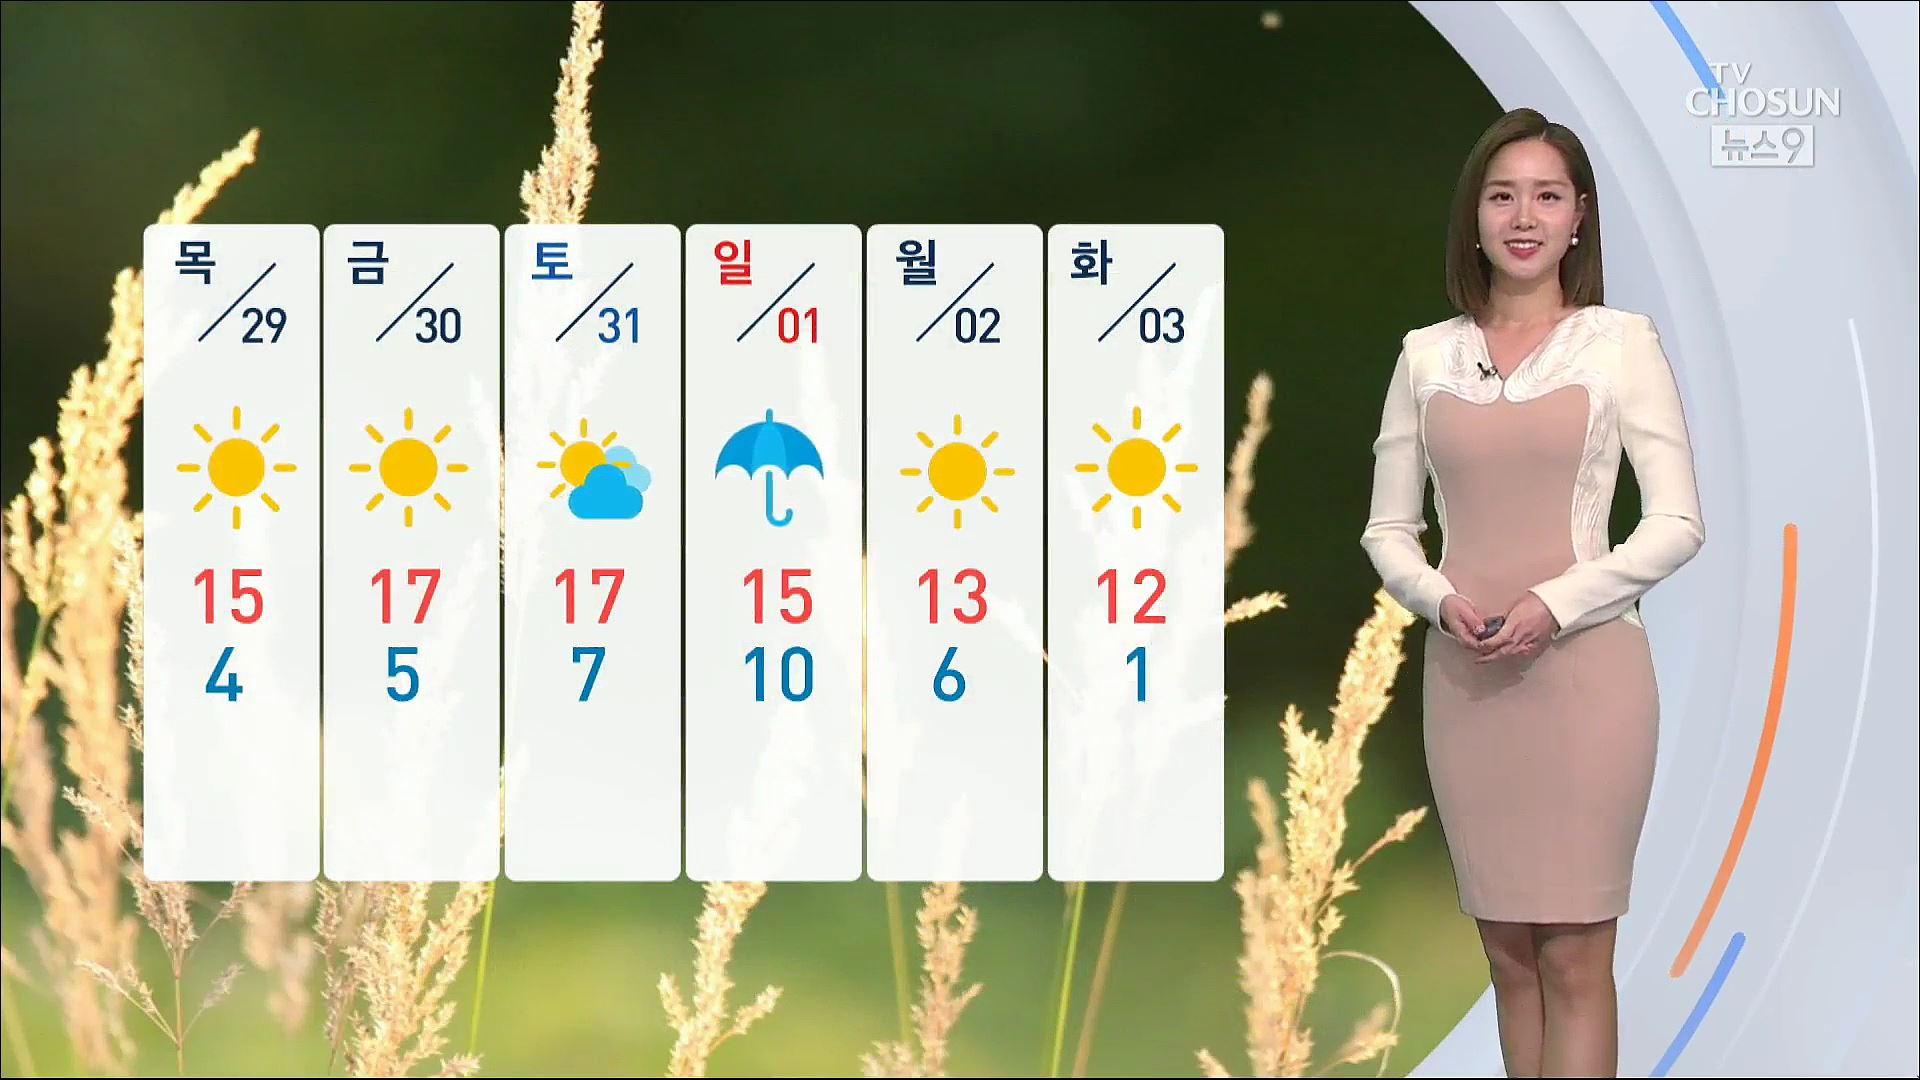 [날씨] 수요일도 미세먼지 나쁨…일교차 주의